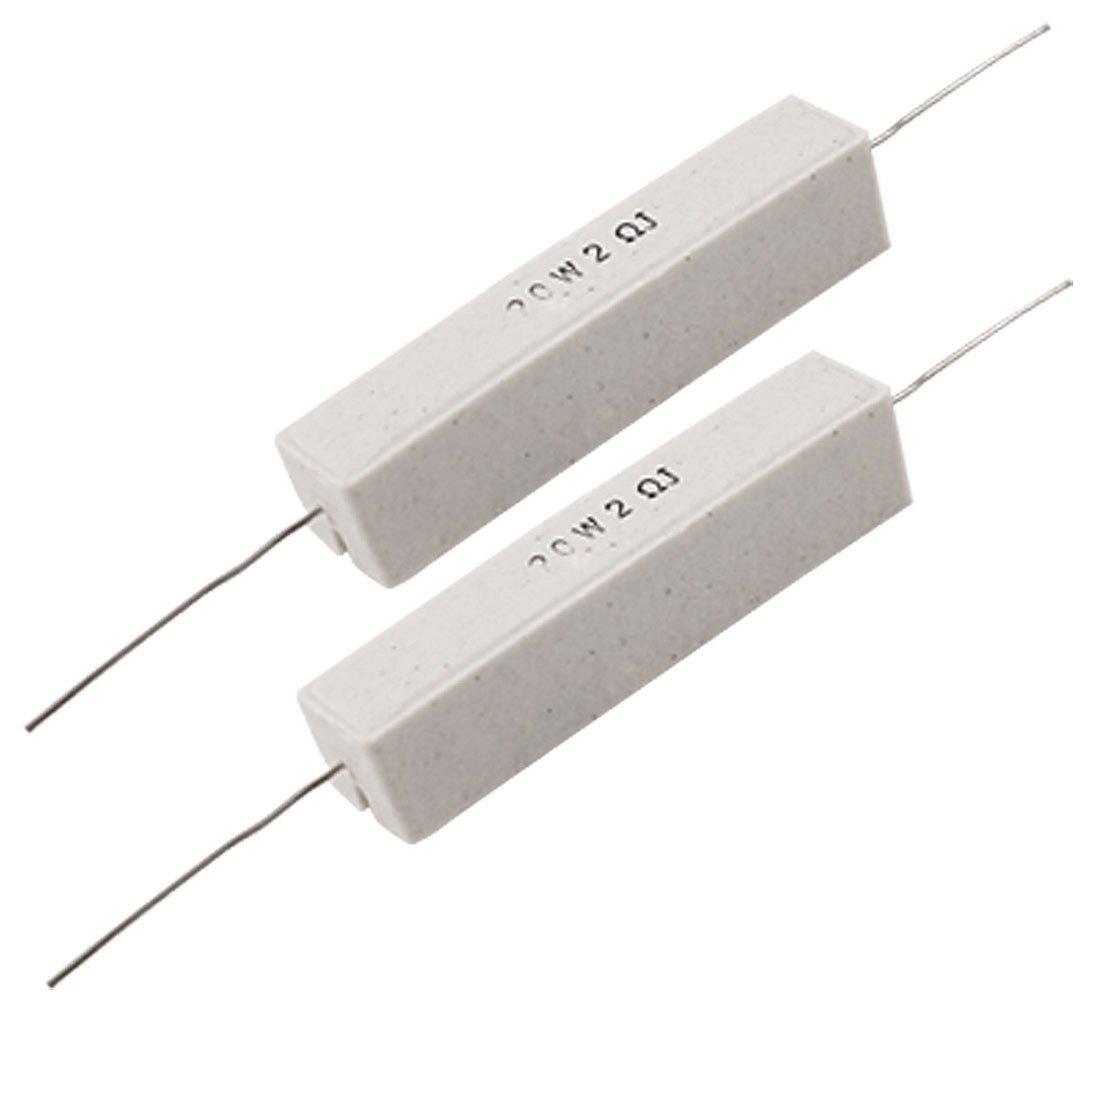 2x 20w 2 Ohm 5 Wire Wound Cement Resistors White Cp Ebay